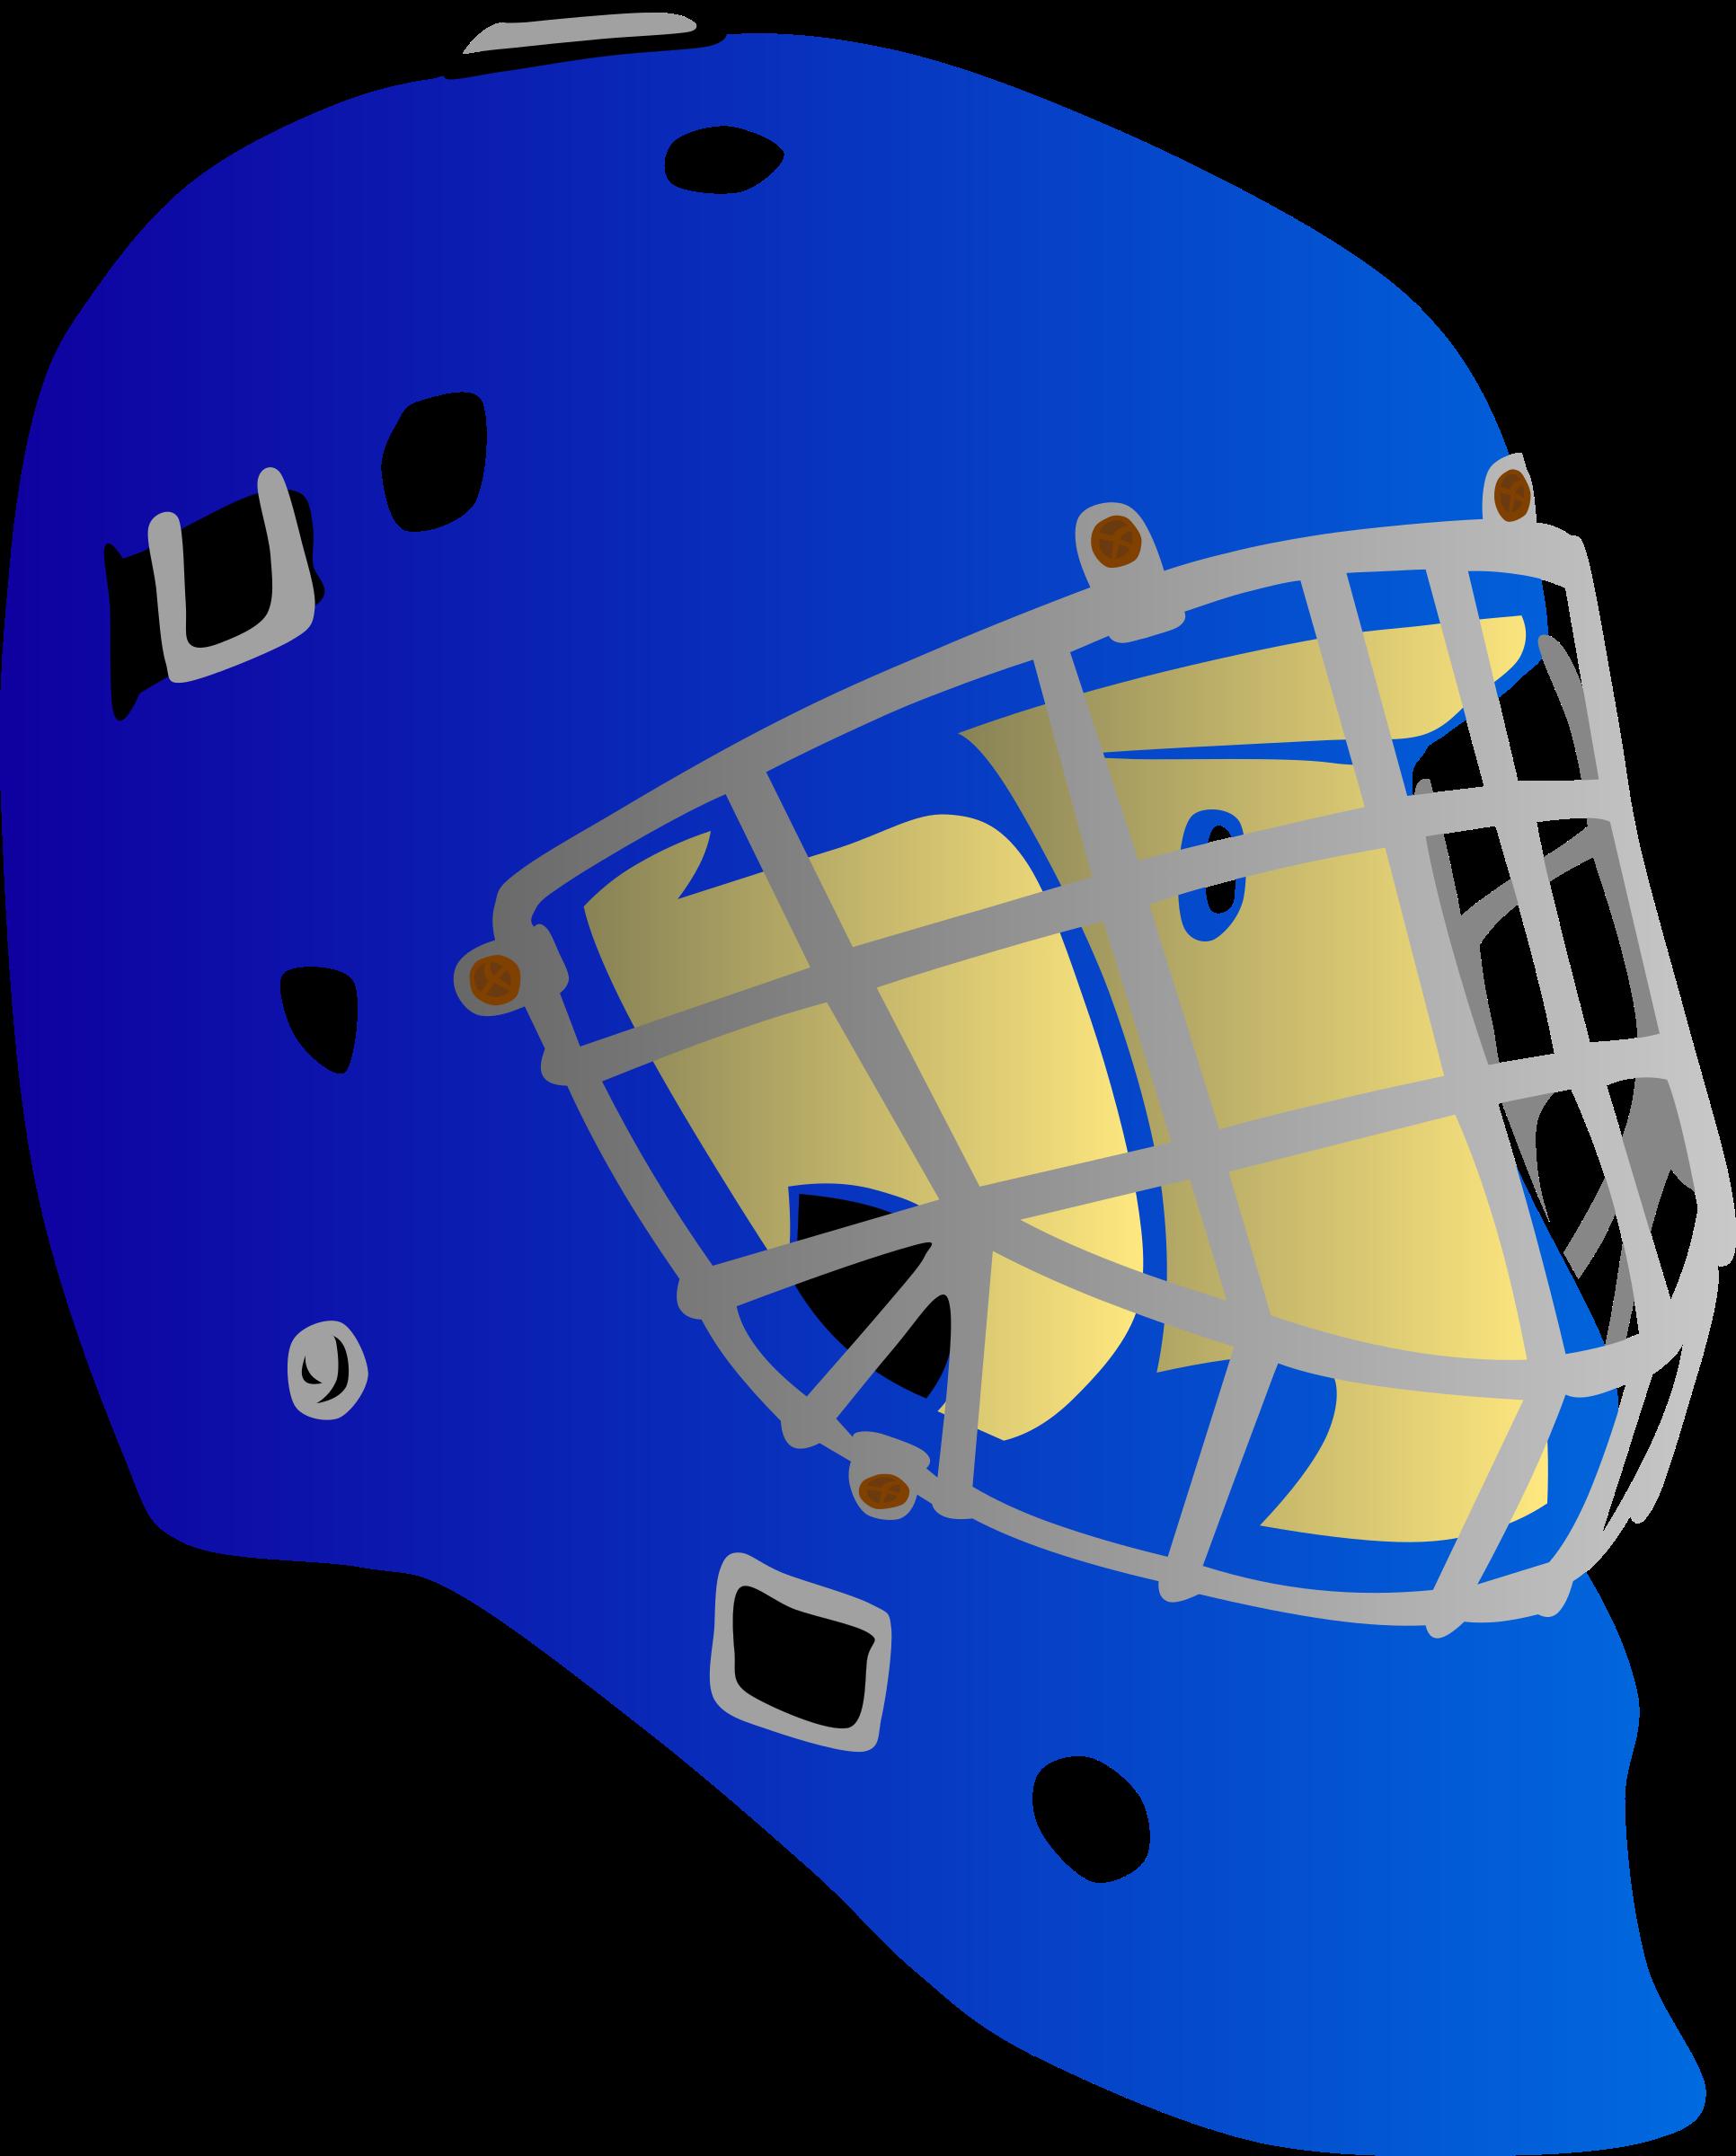 Phanom clipart hockey mask Mask Goalie Goalie mask Clipart